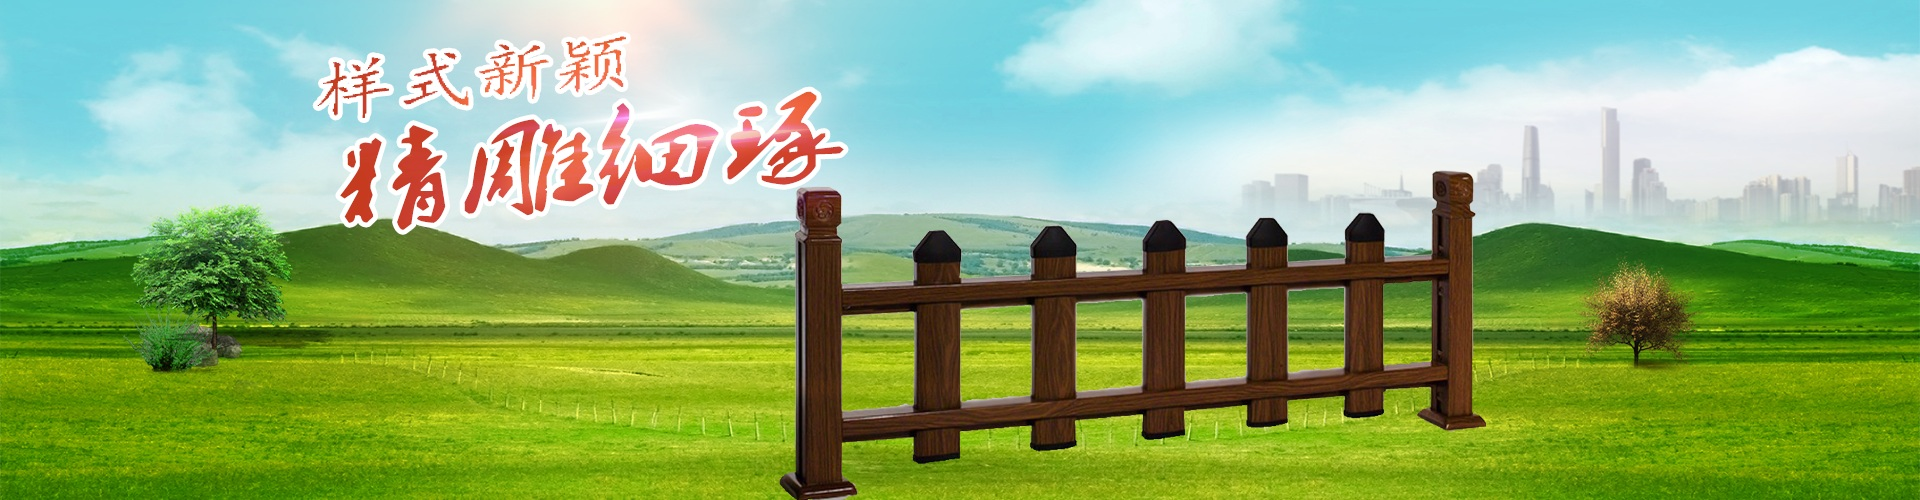 江苏护栏,江苏锌钢护栏,江苏市政护栏